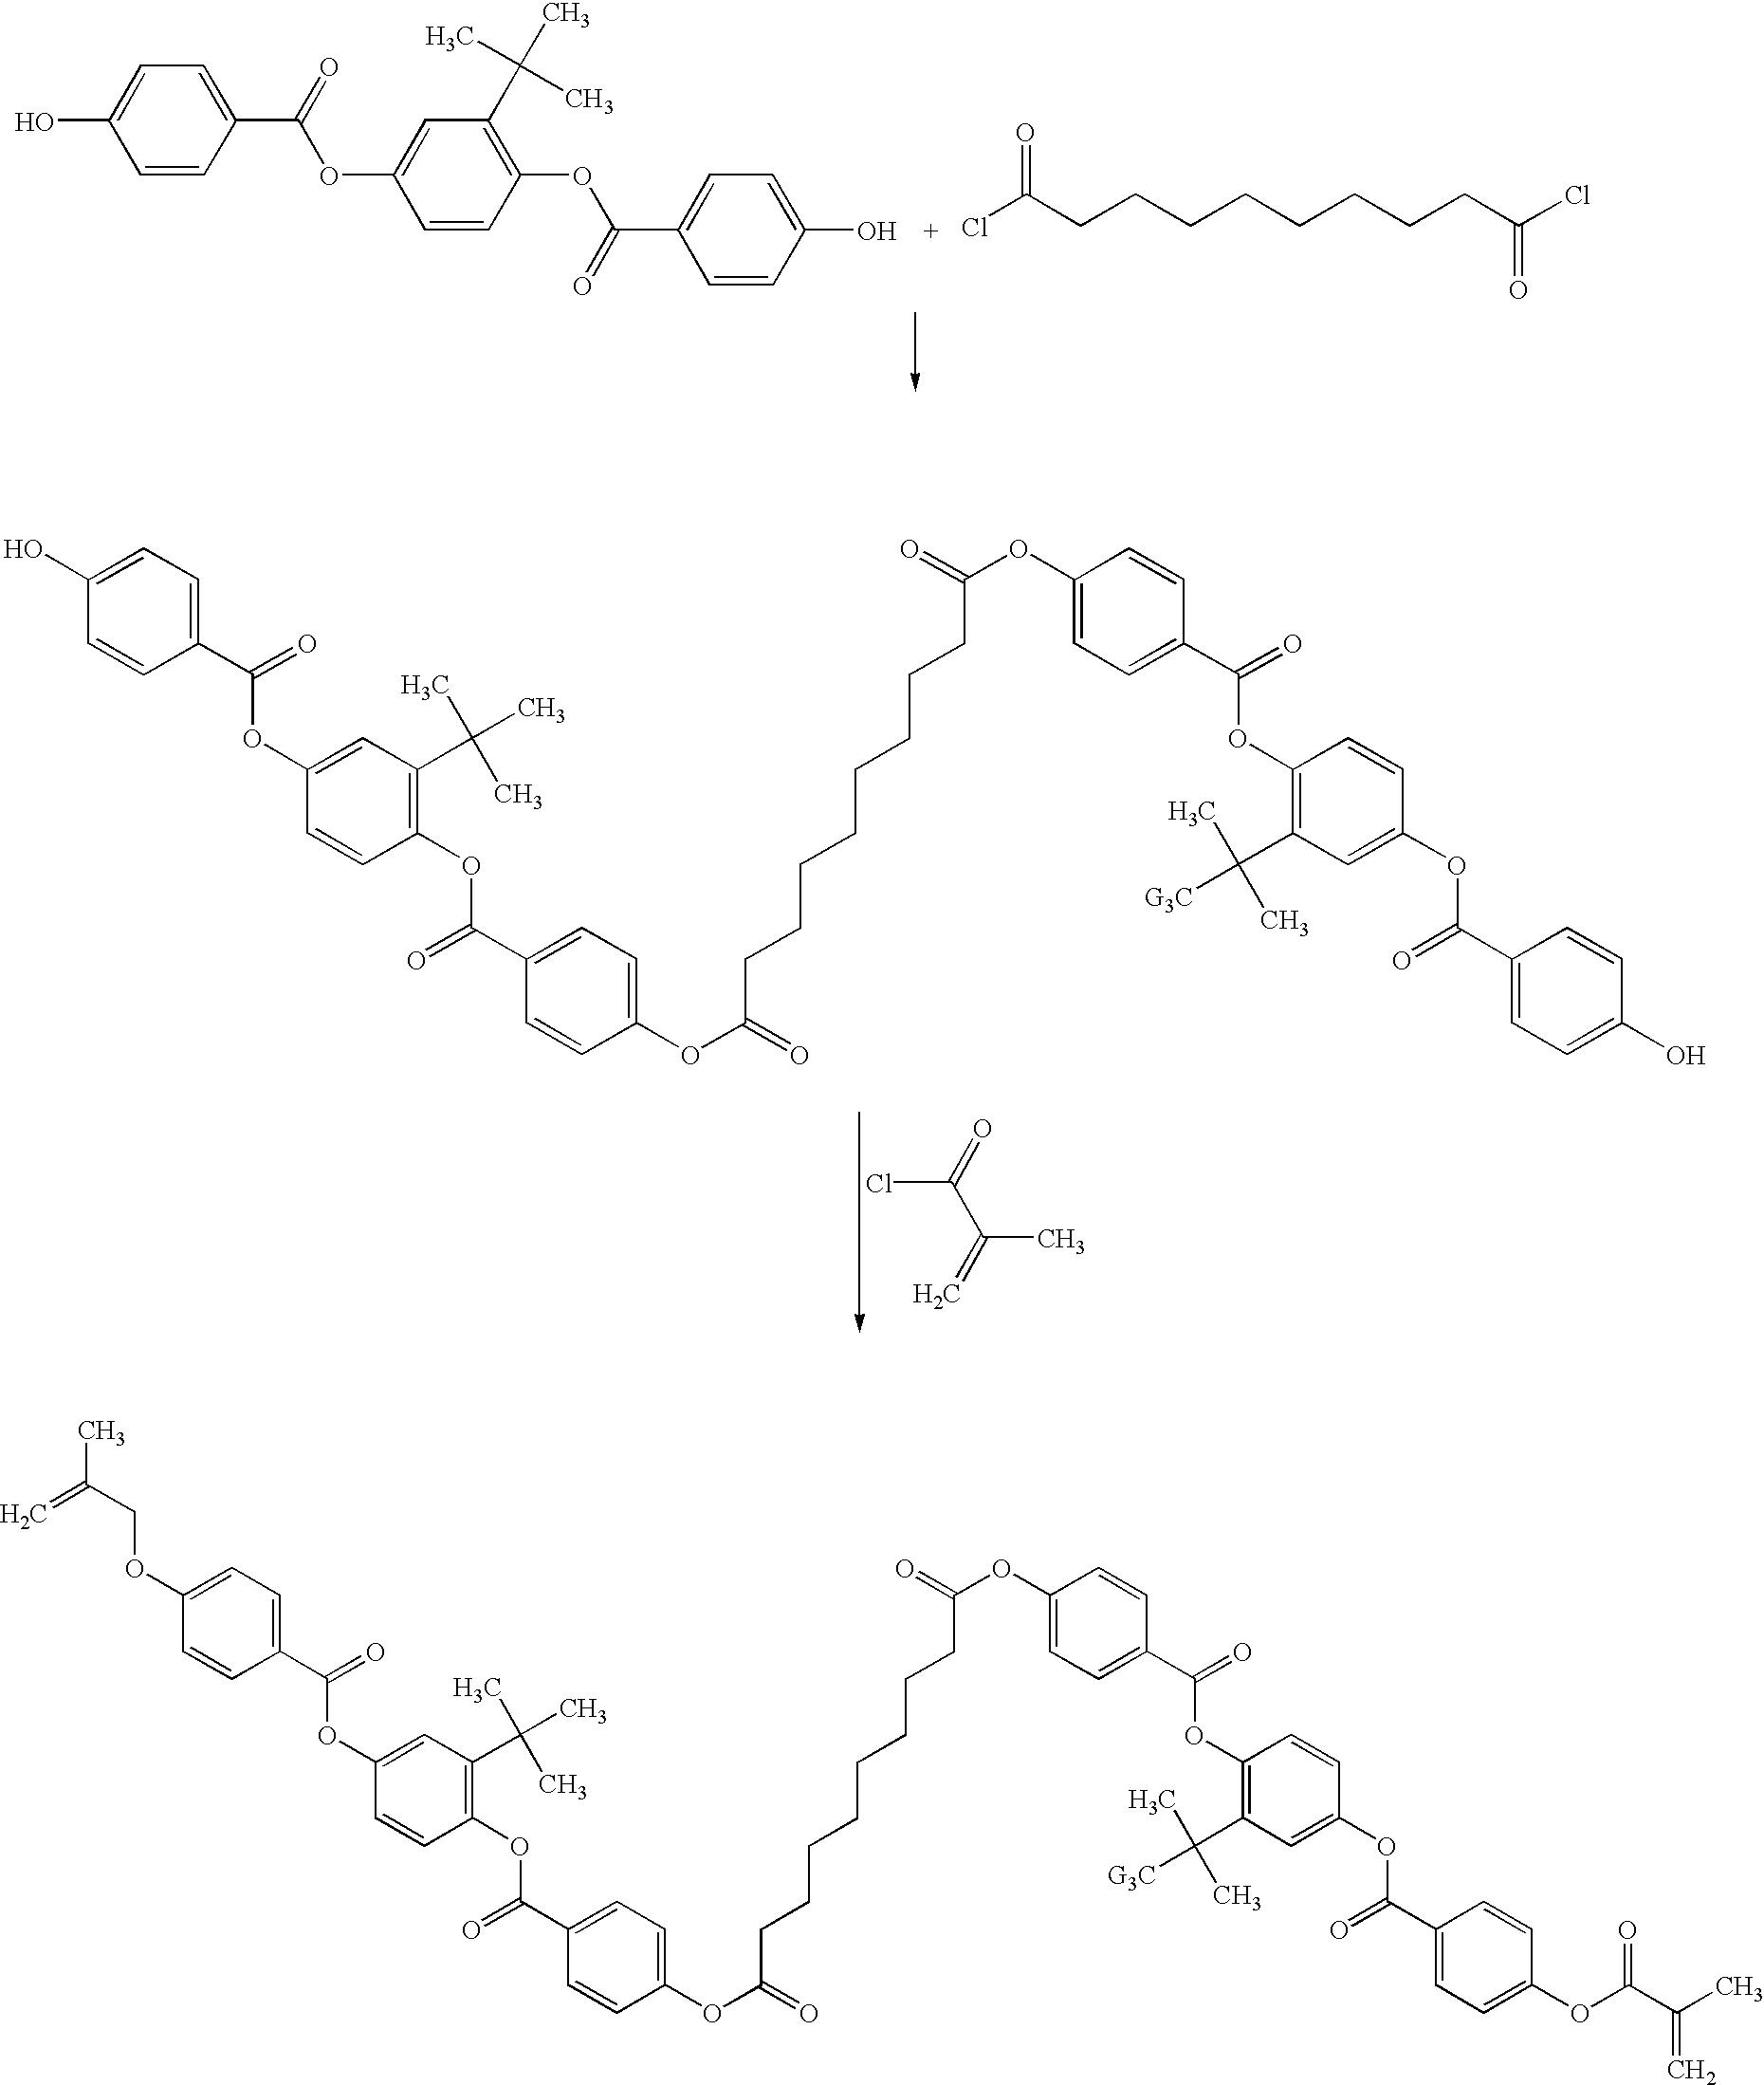 Figure US20030036609A1-20030220-C00010